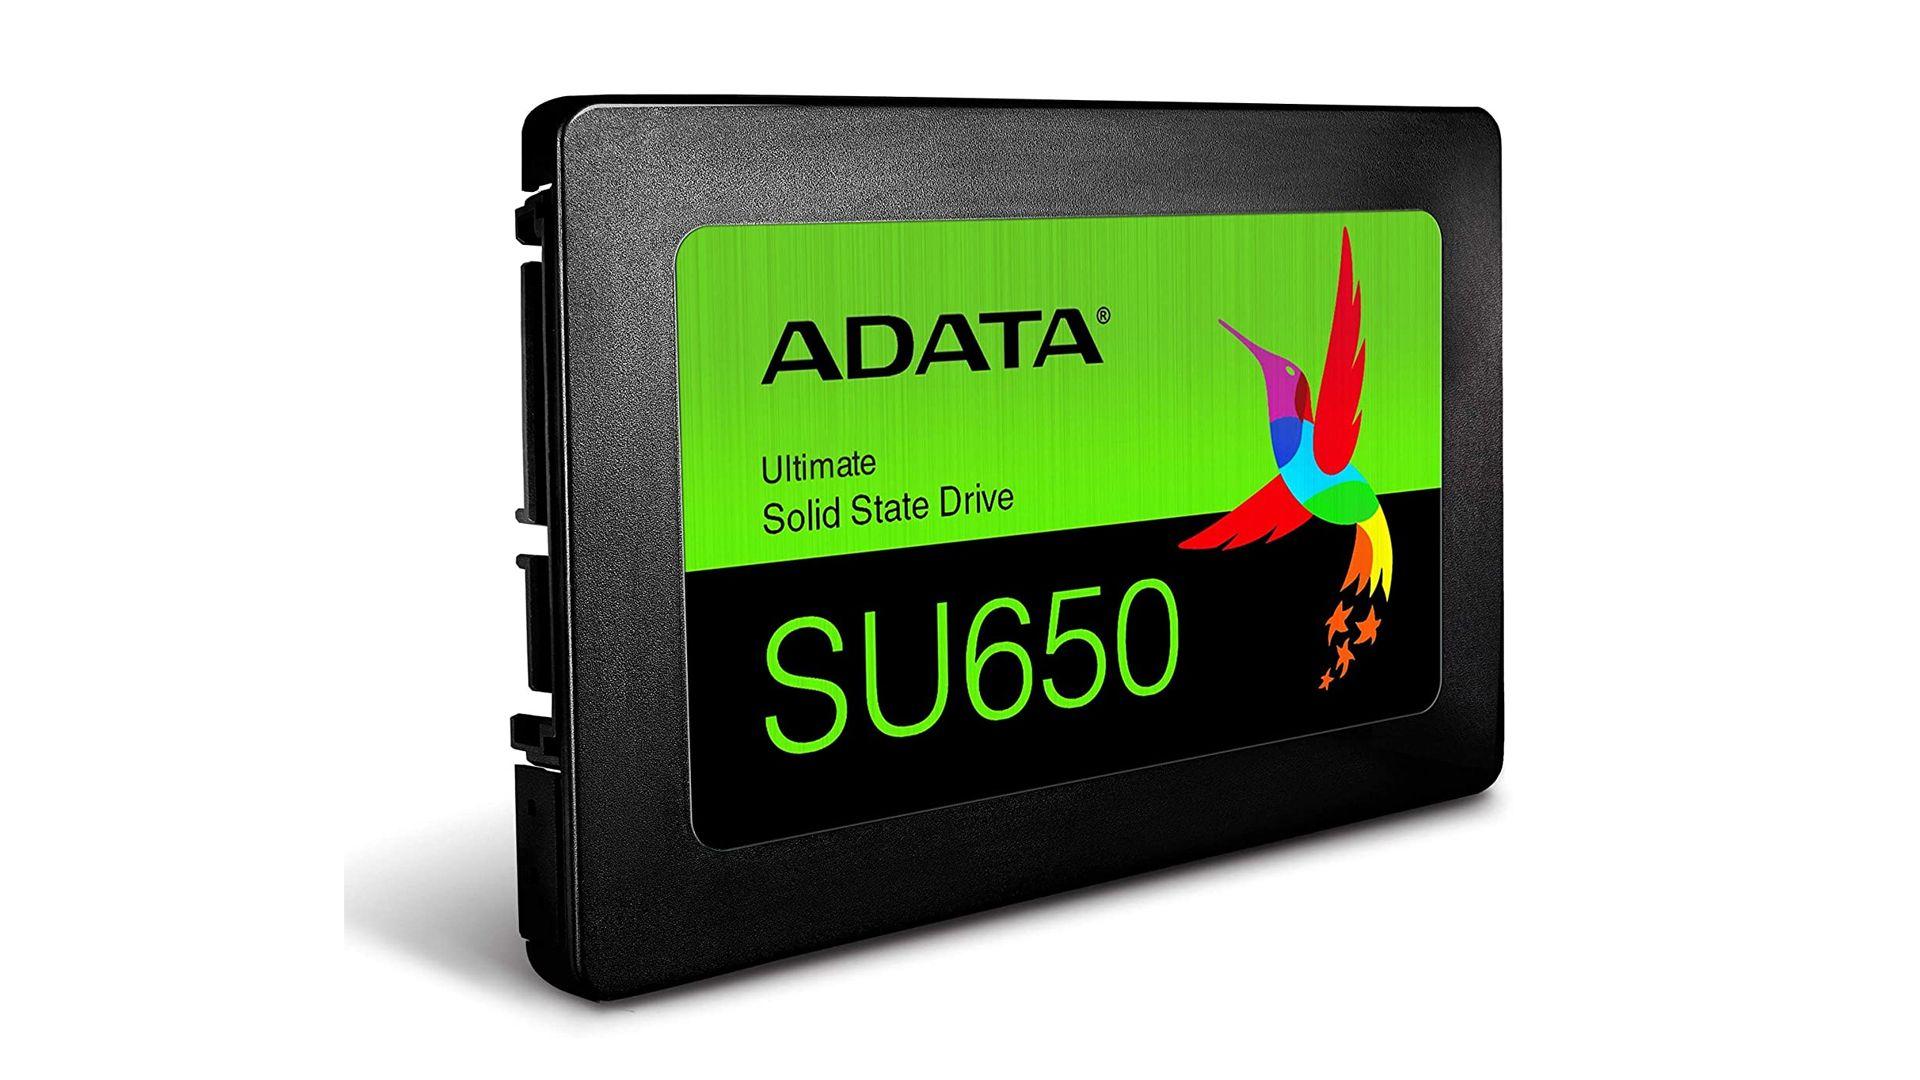 O SSD Adata SU650 é recomendado para quem não quer uma elevada capacidade de memória. (Fonte: Reprodução)